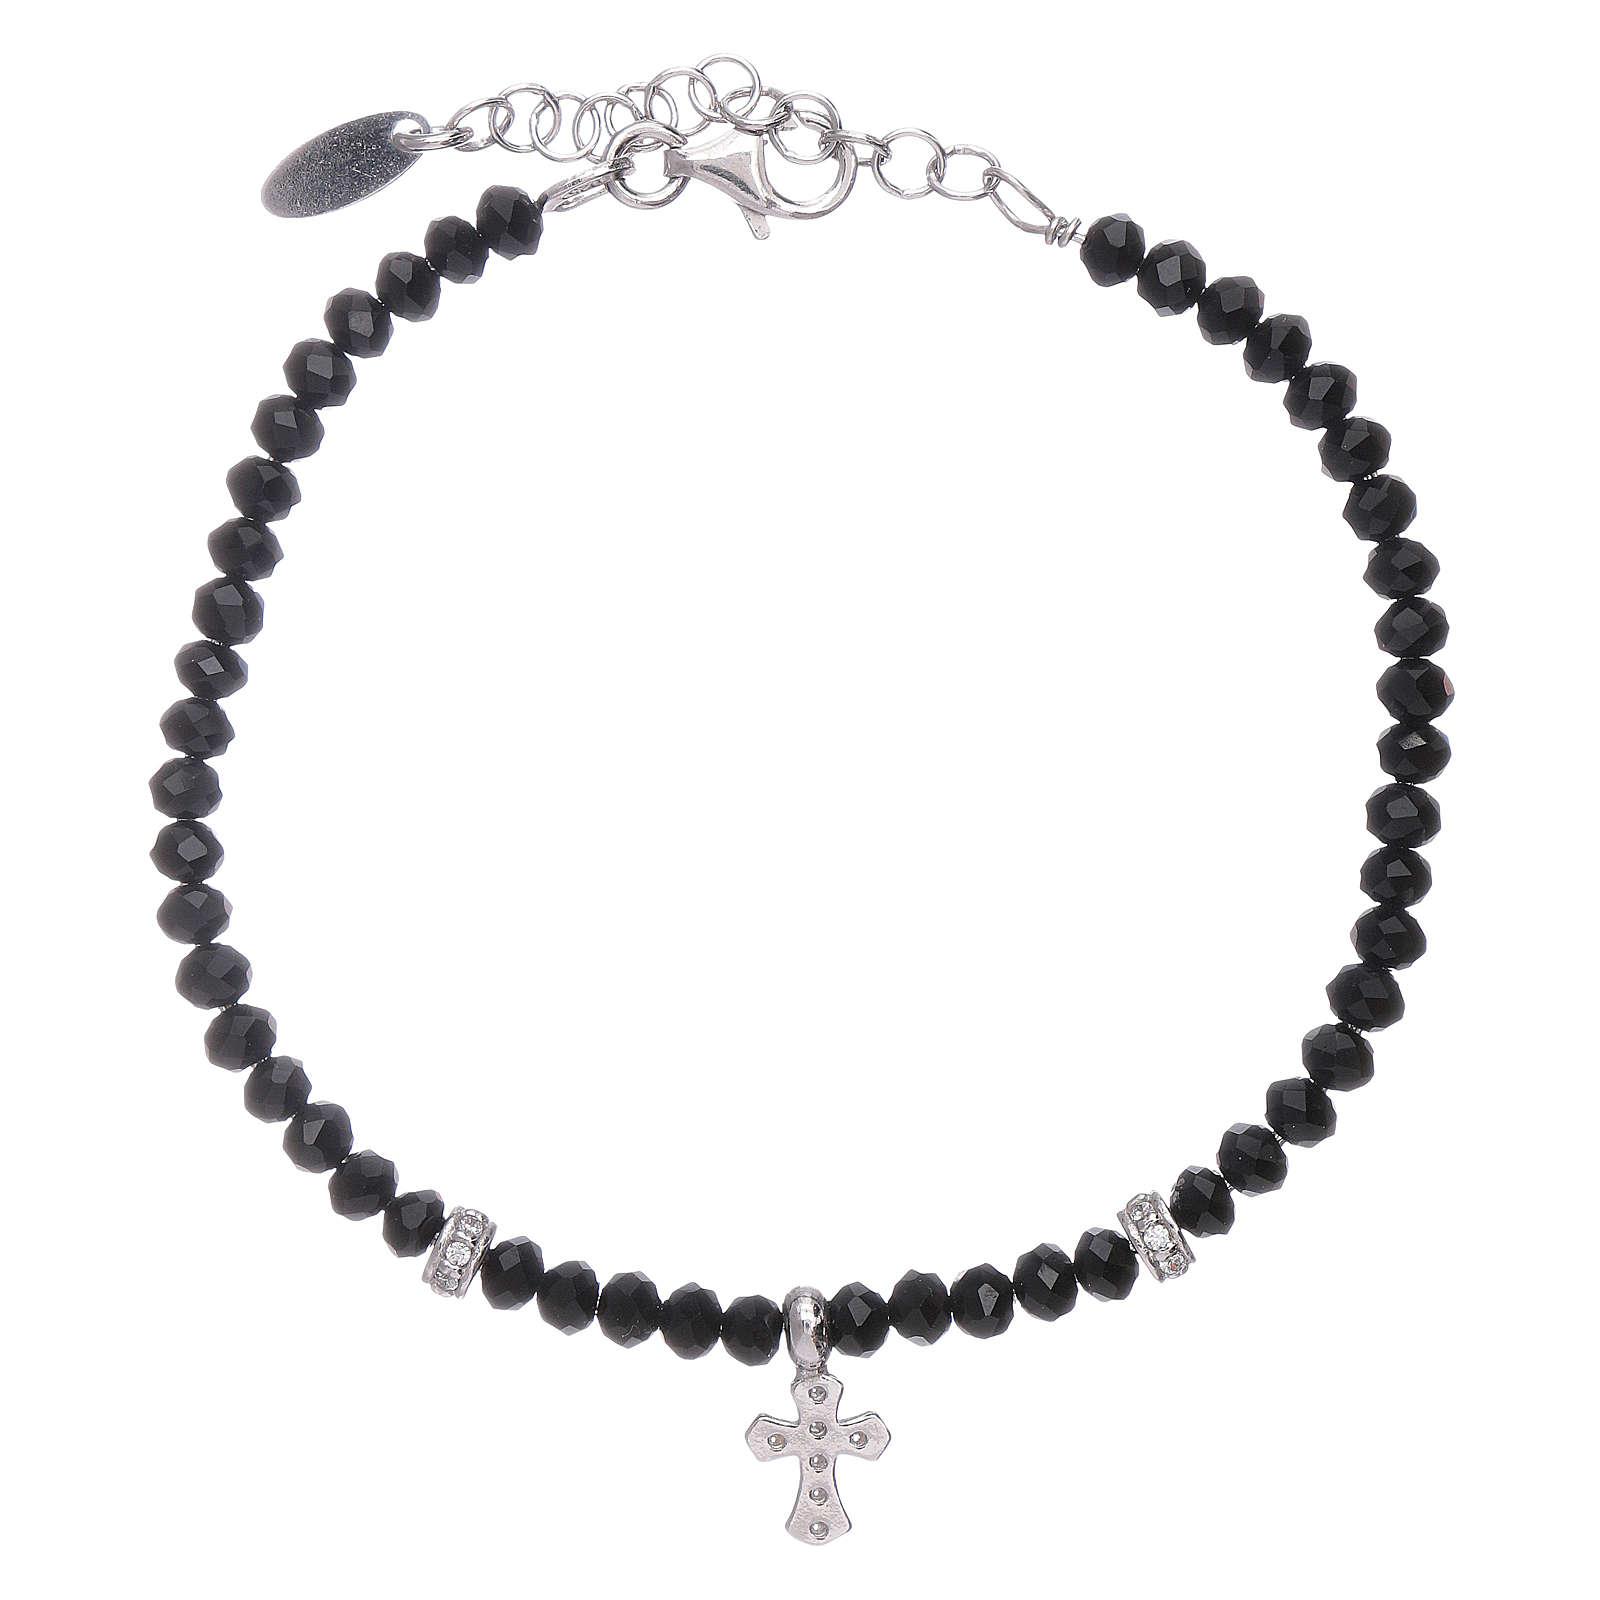 Bracciale Amen croce zirconata argento 925 rodiato e cristalli 4